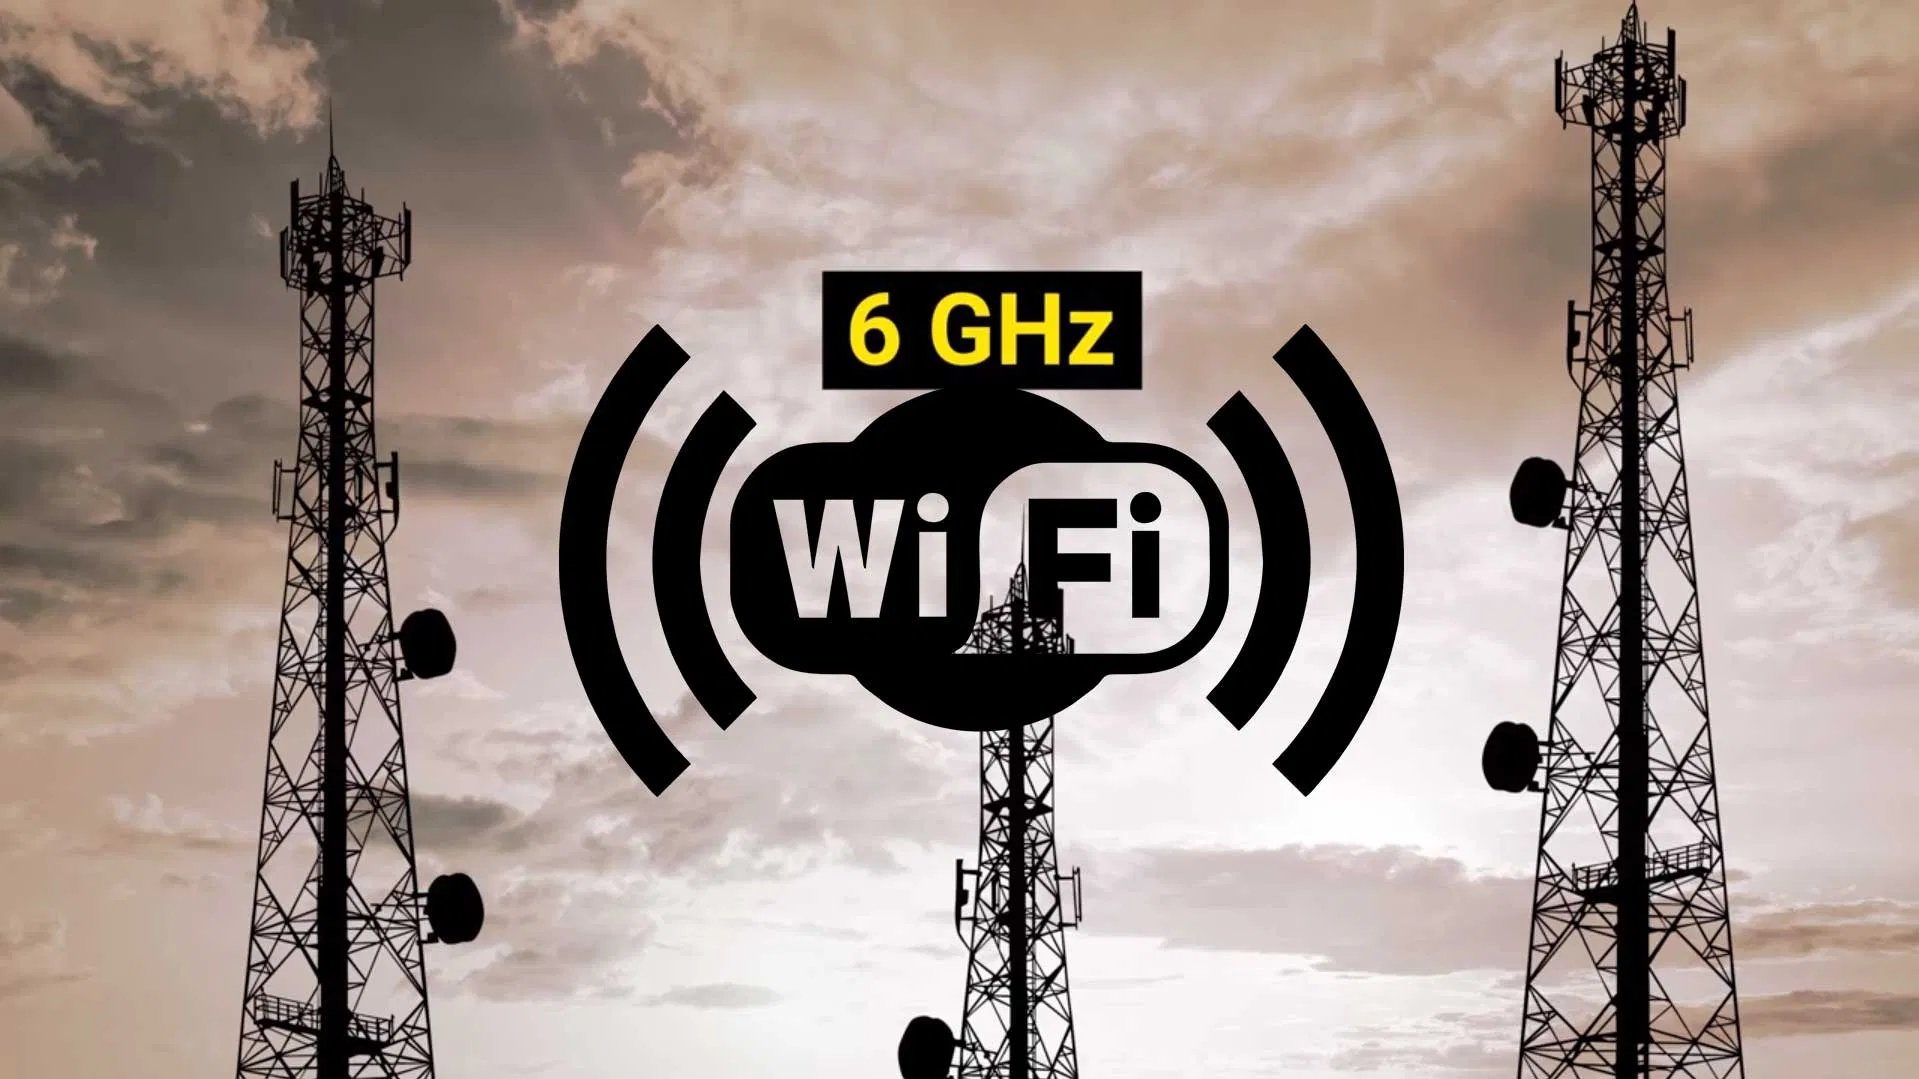 6Ghz wifi